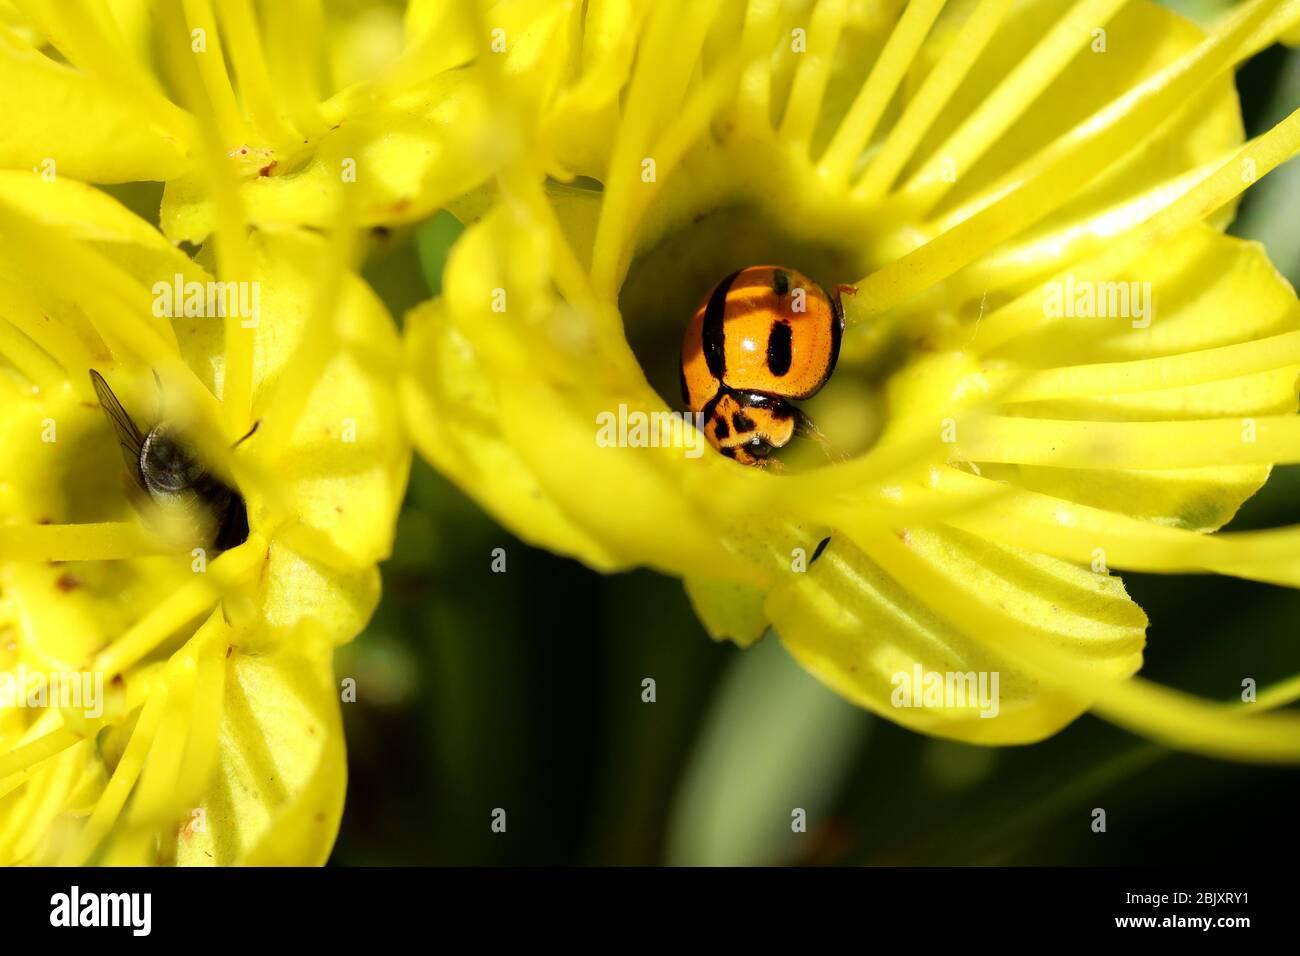 Naturaleza en Macro: Una mariquita nibble en un néctar de esta encantadora flor amarilla brillante fuera en el jardín en una cálida mañana de primavera. Foto de stock